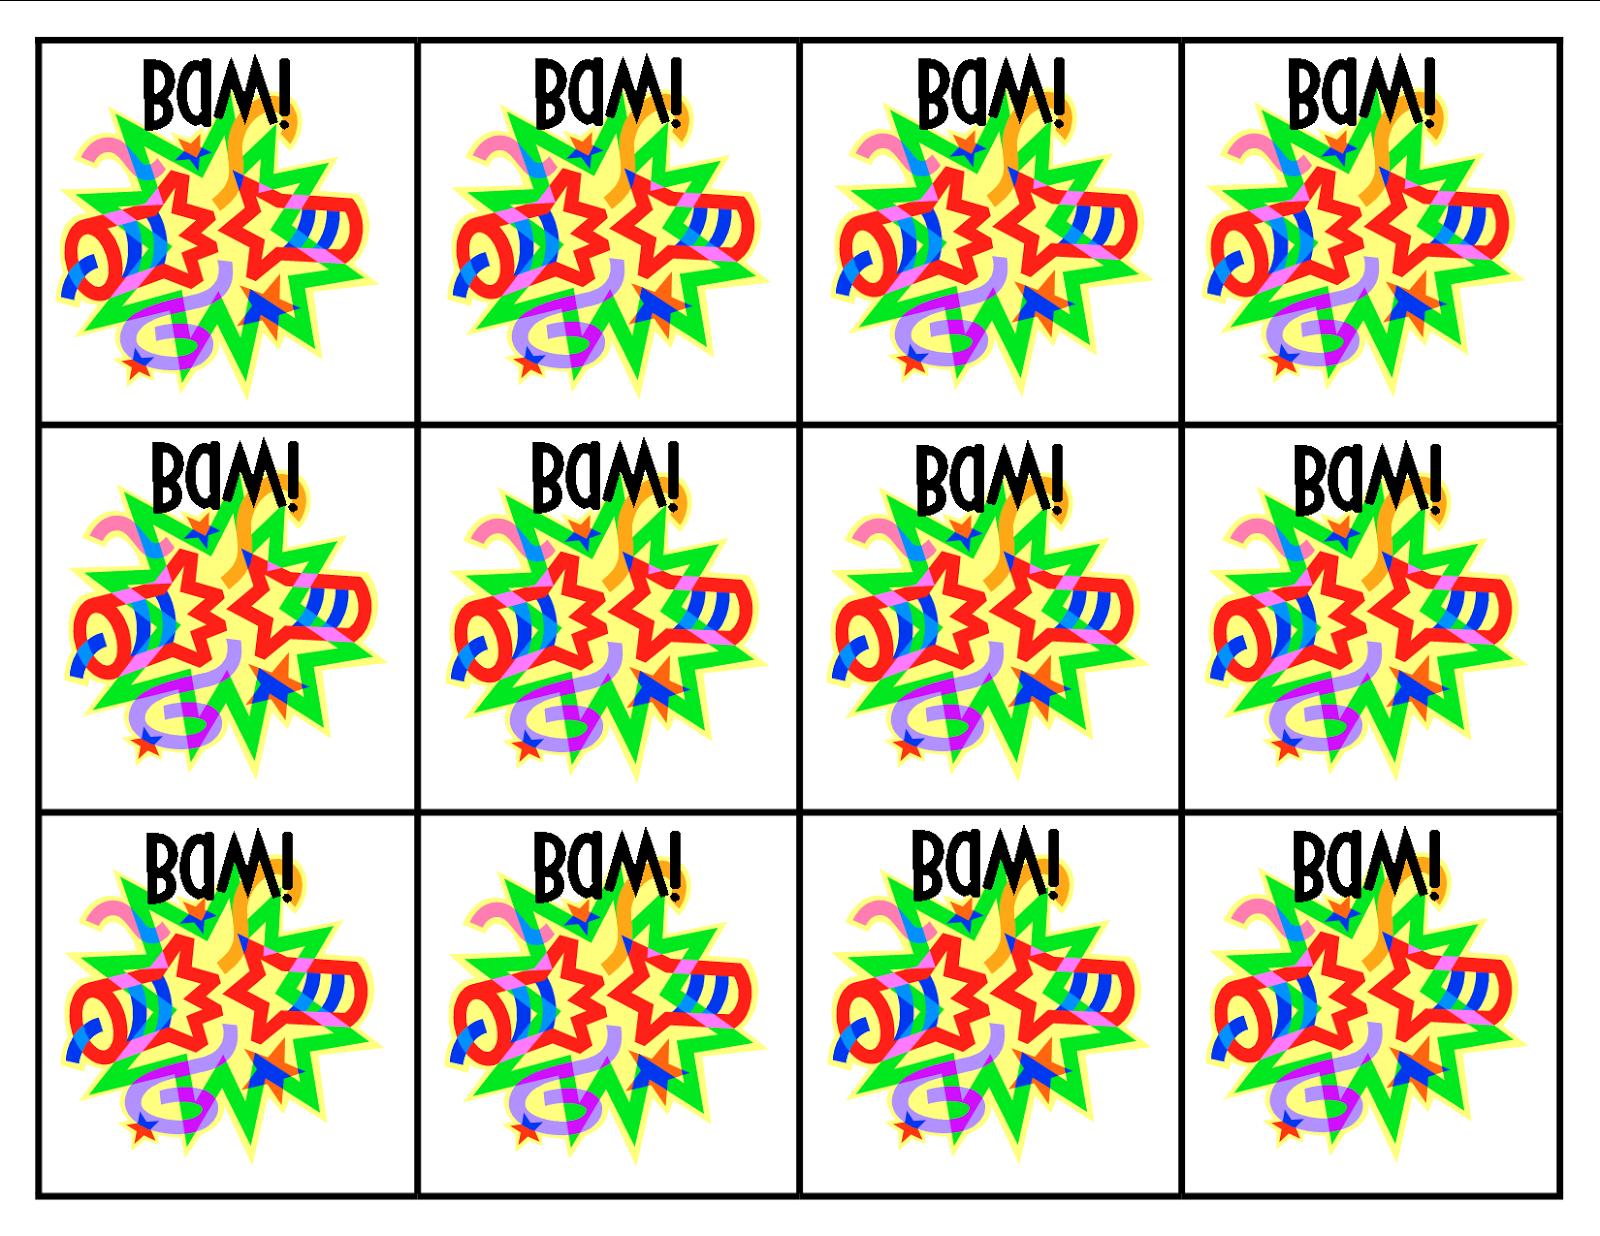 http://4.bp.blogspot.com/-6iZlLF-nFAA/Ux26xdlqQNI/AAAAAAAADks/v7gmds6eurc/s1600/Bam+cards.png